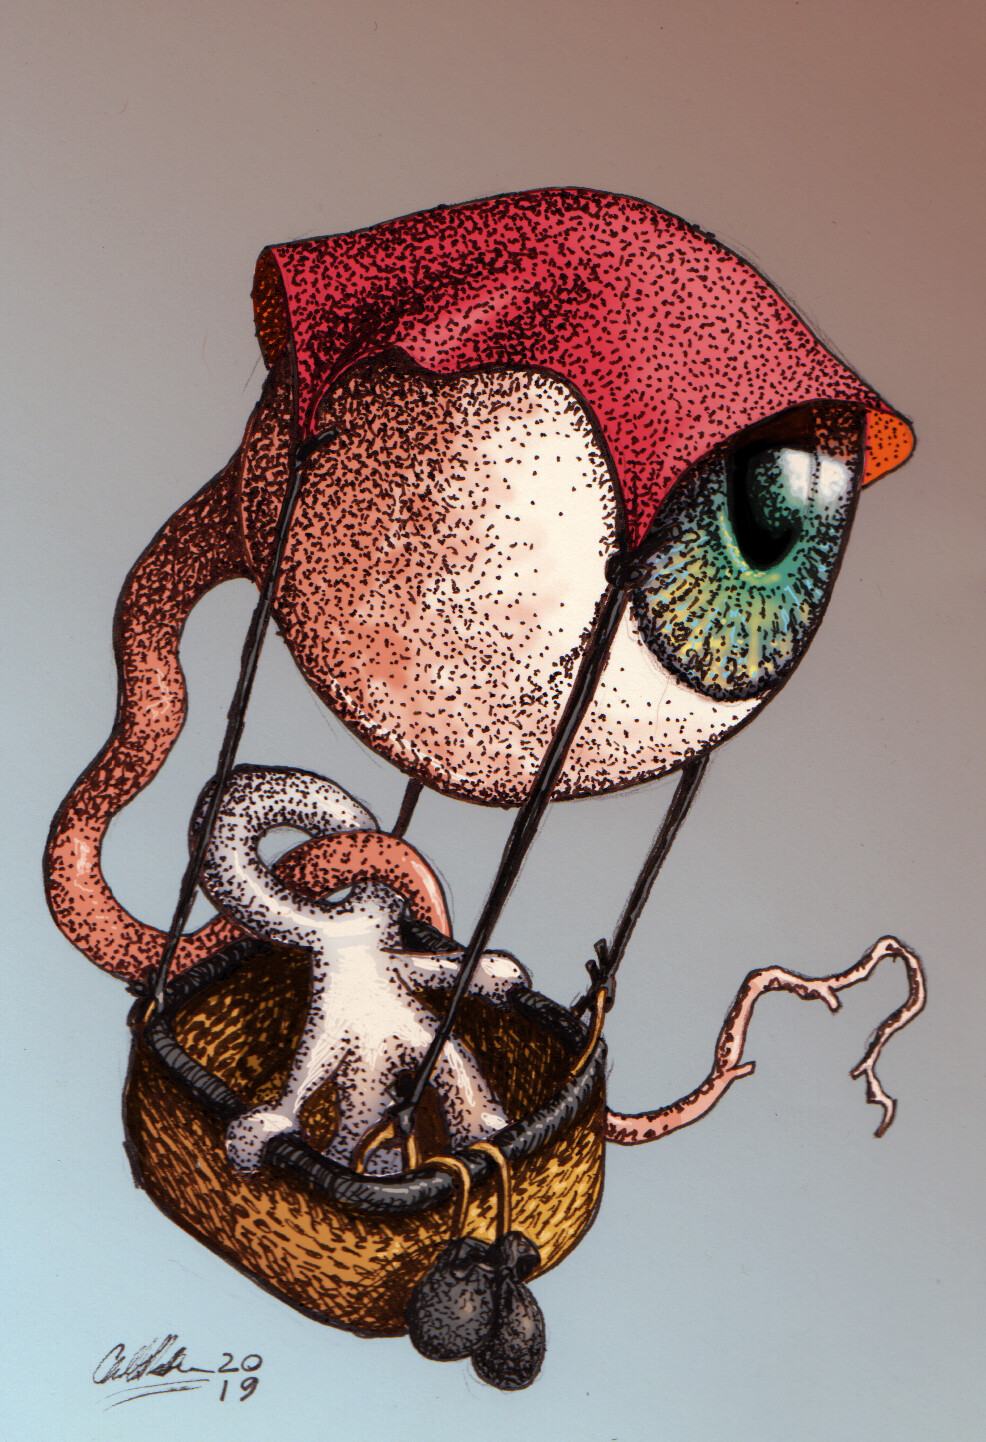 Anthony rosbottom eye balloon